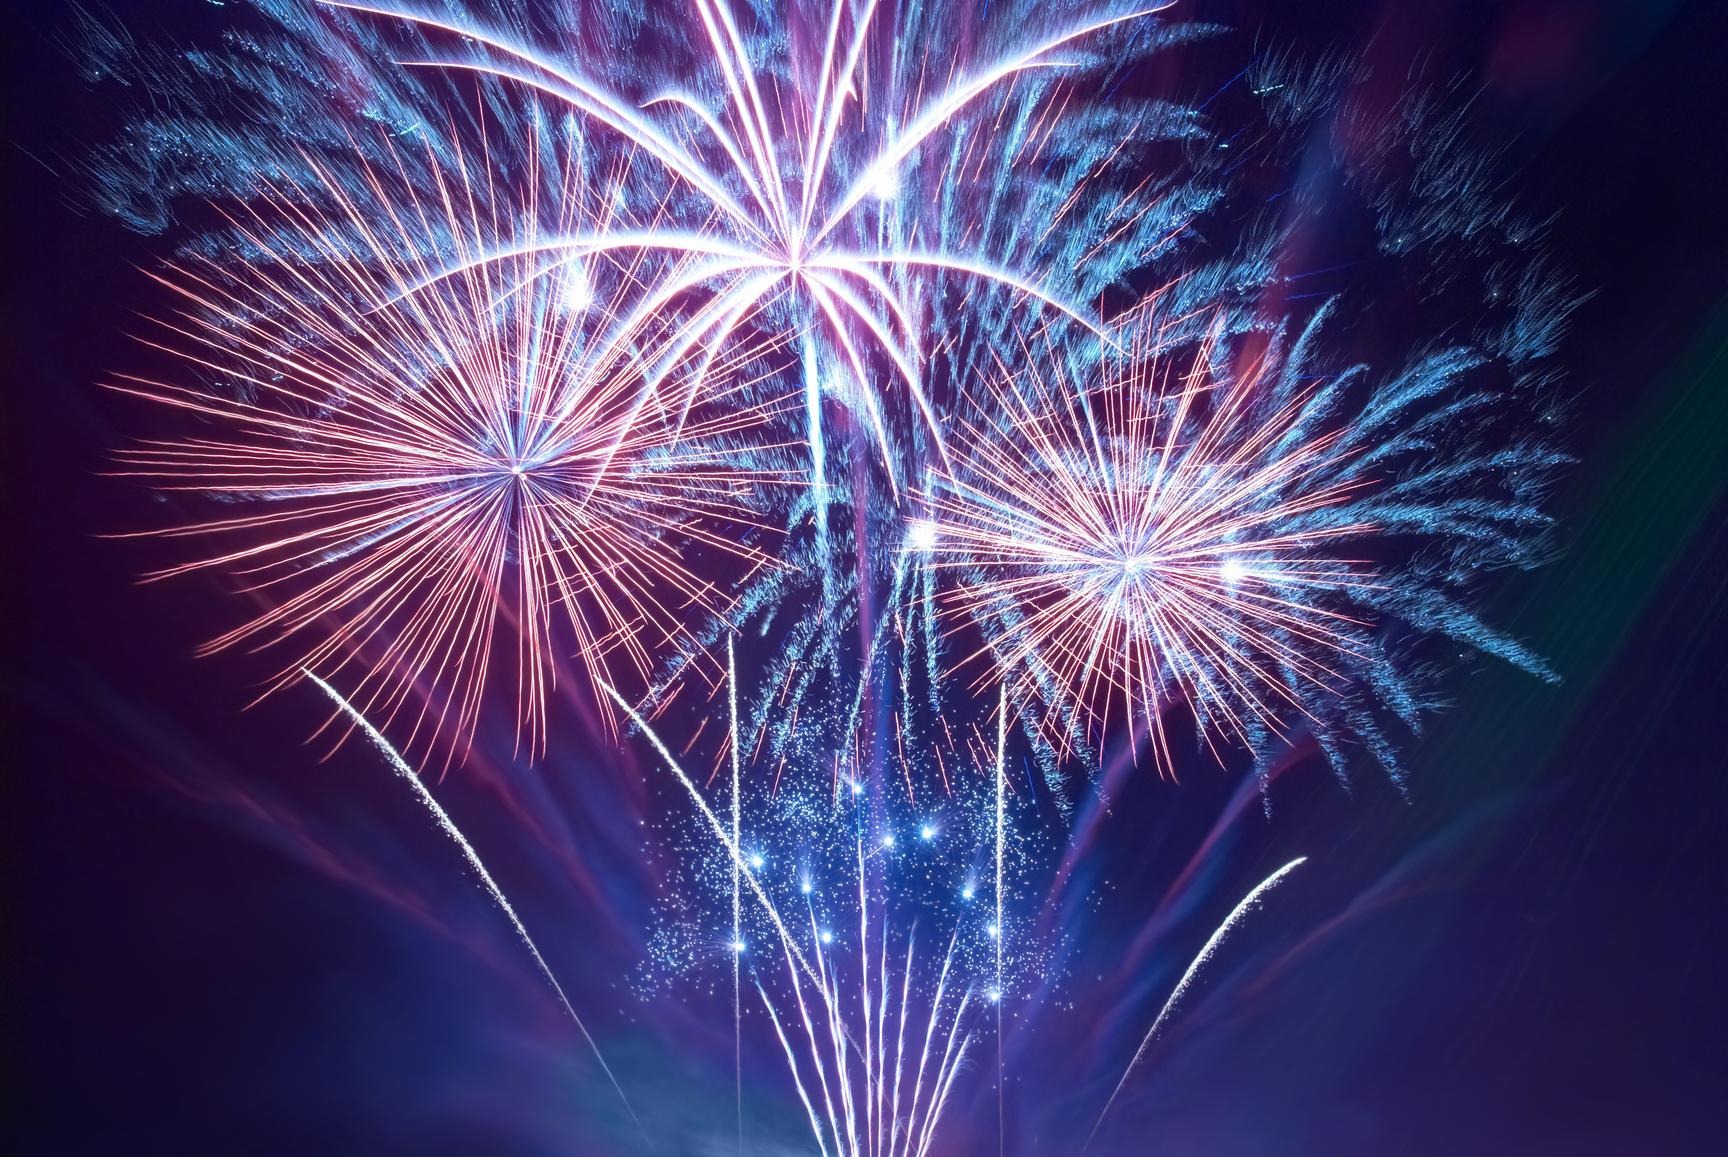 Litchfield Park 4th Of July Celebration